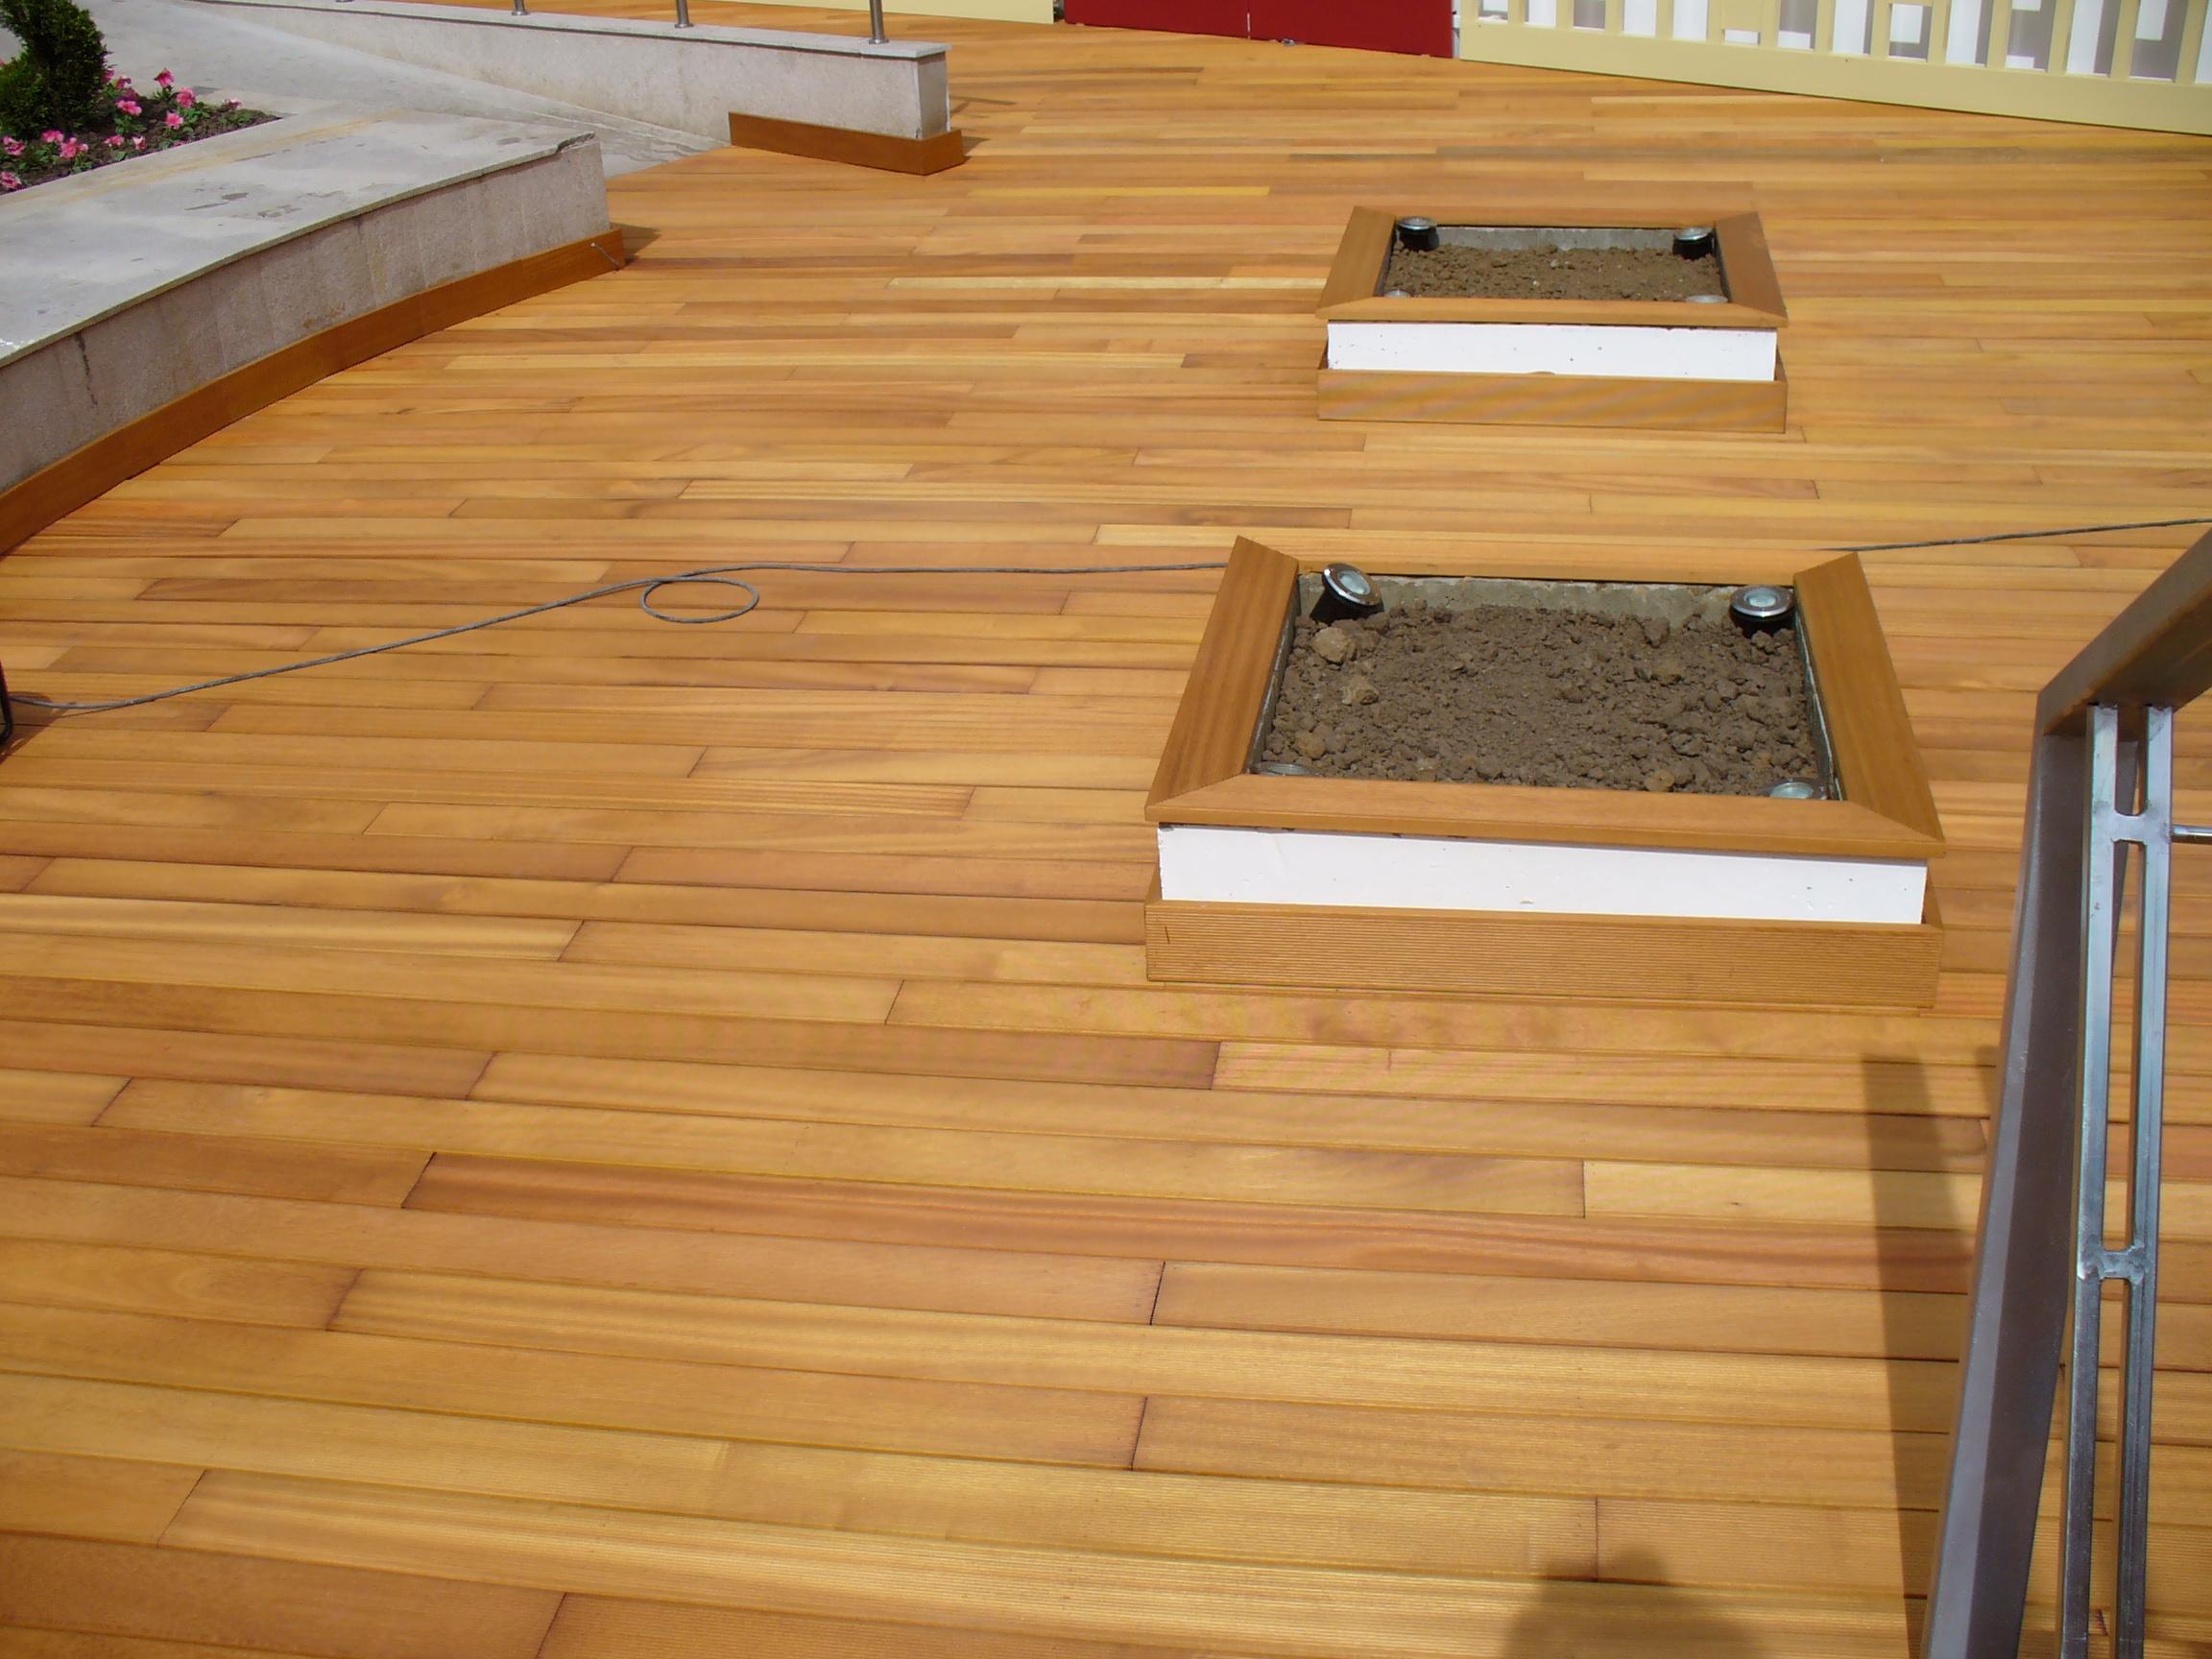 Deck-uri lemn - Guariuba SELVA FLOORS - Poza 25